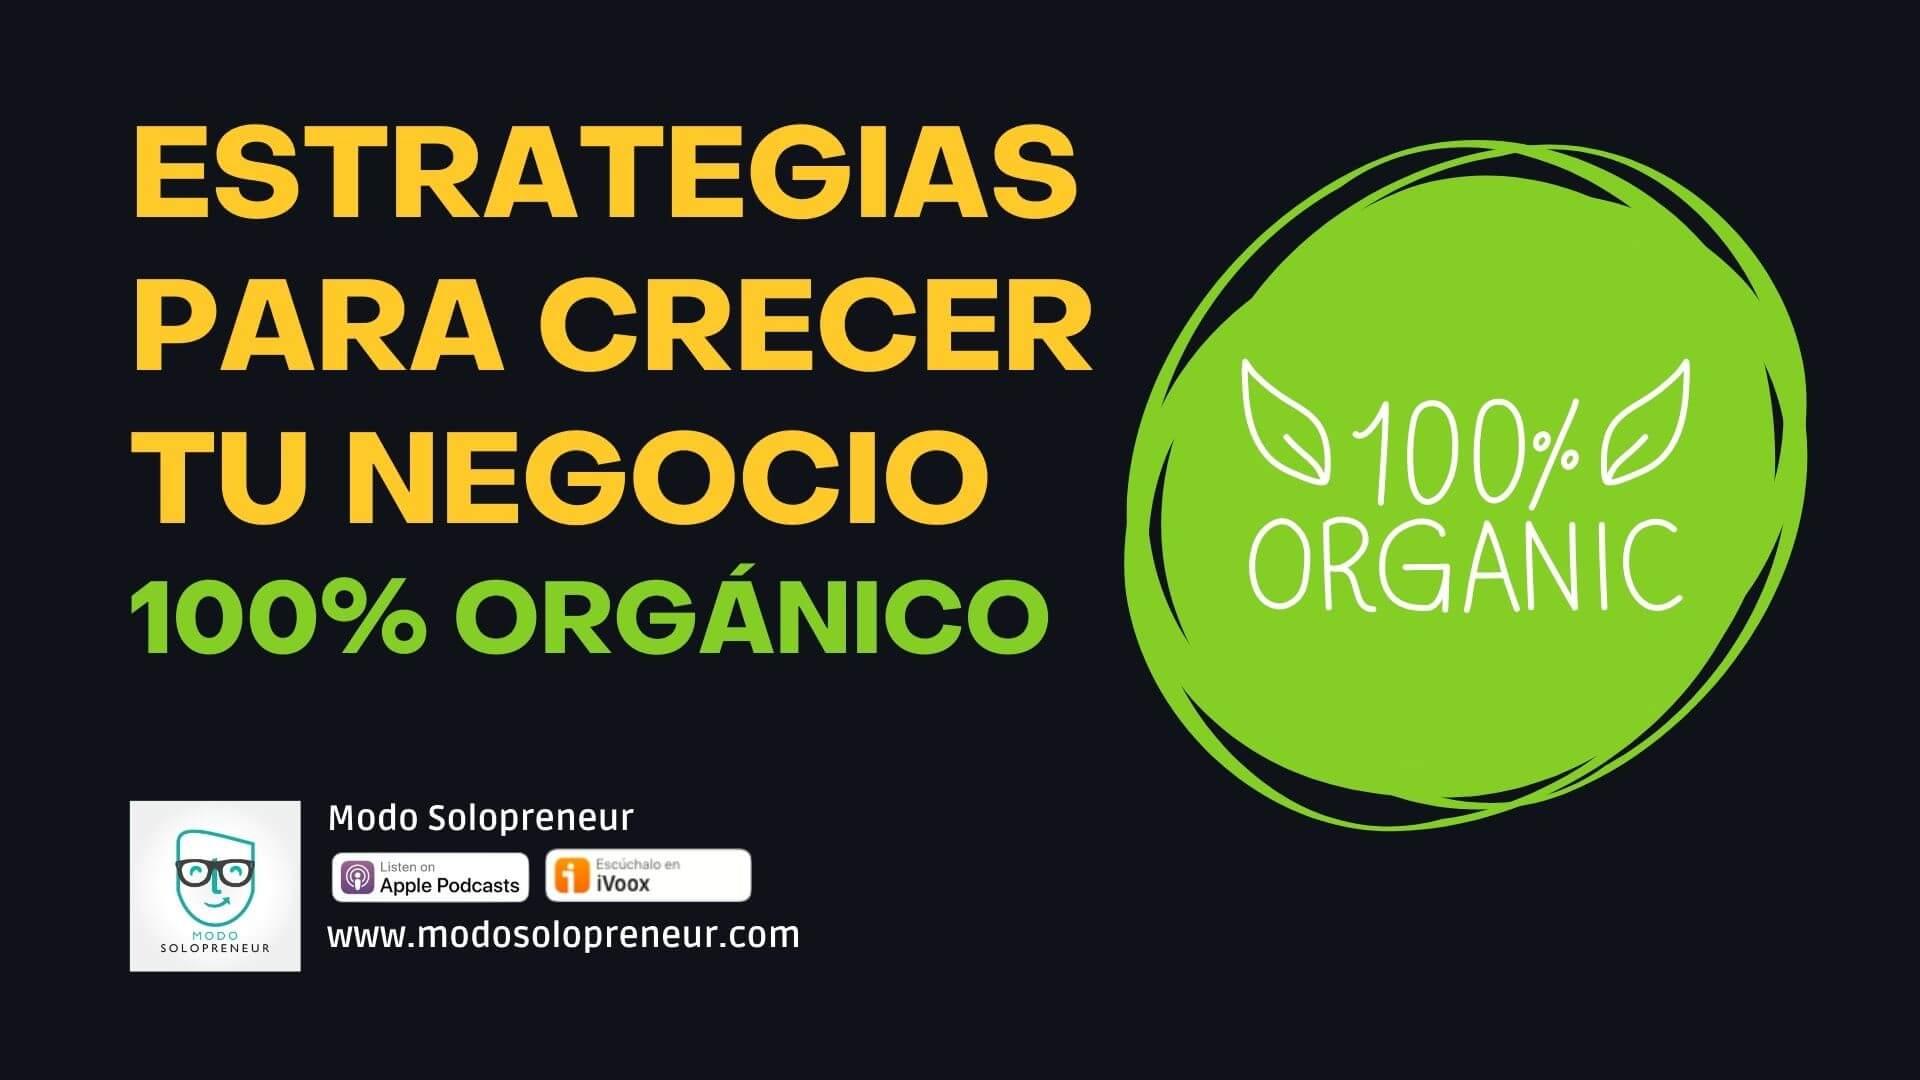 Estrategias de Crecimiento Orgánico para tu Negocio